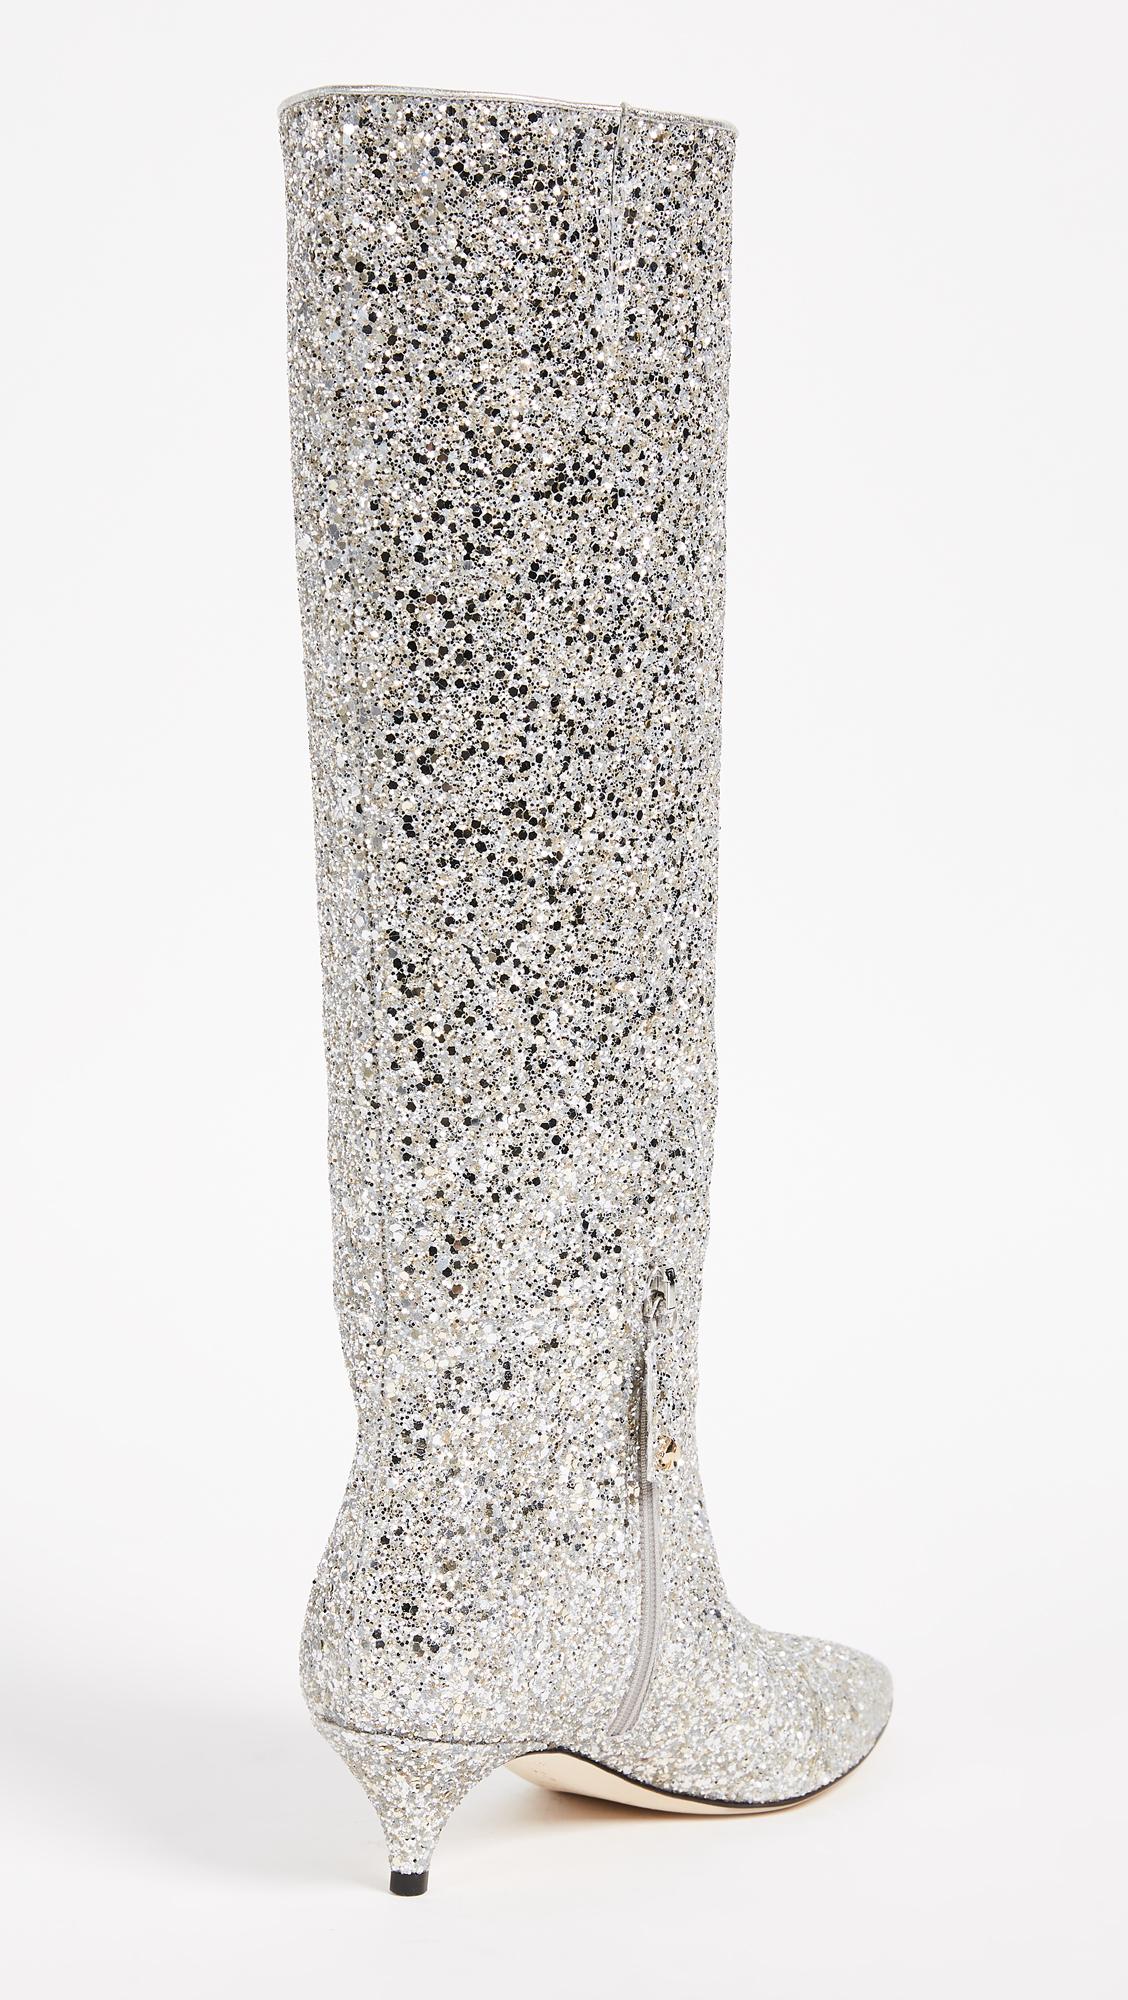 9c17afda25fc Kate Spade New York Olina Kitten Heel Boots